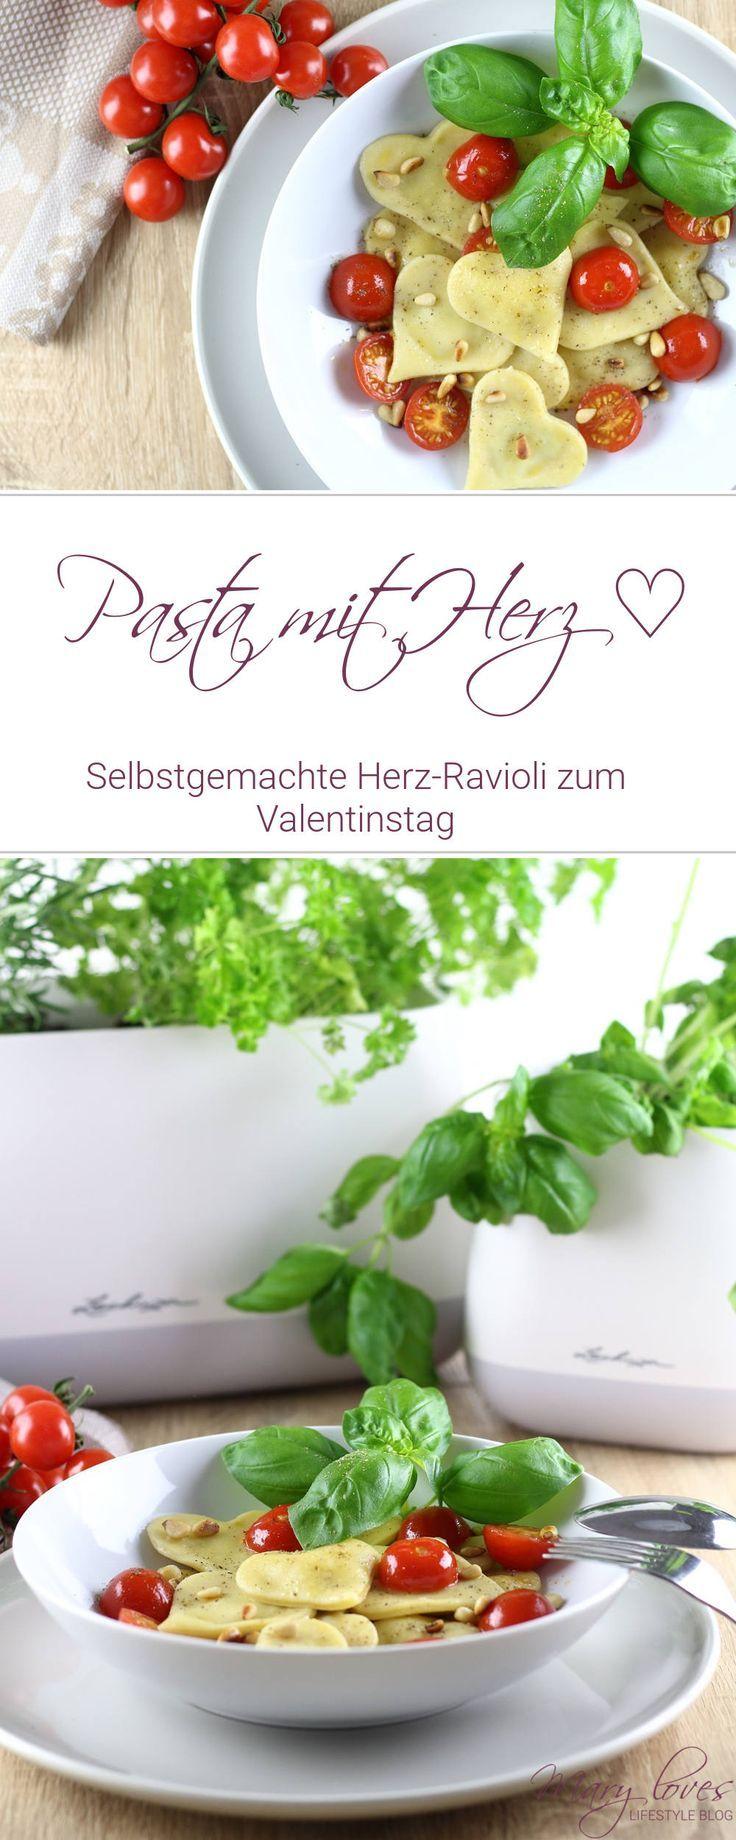 Funky Selbst Gemachte Geschenkgutschein Vorlagen Image Collection ...